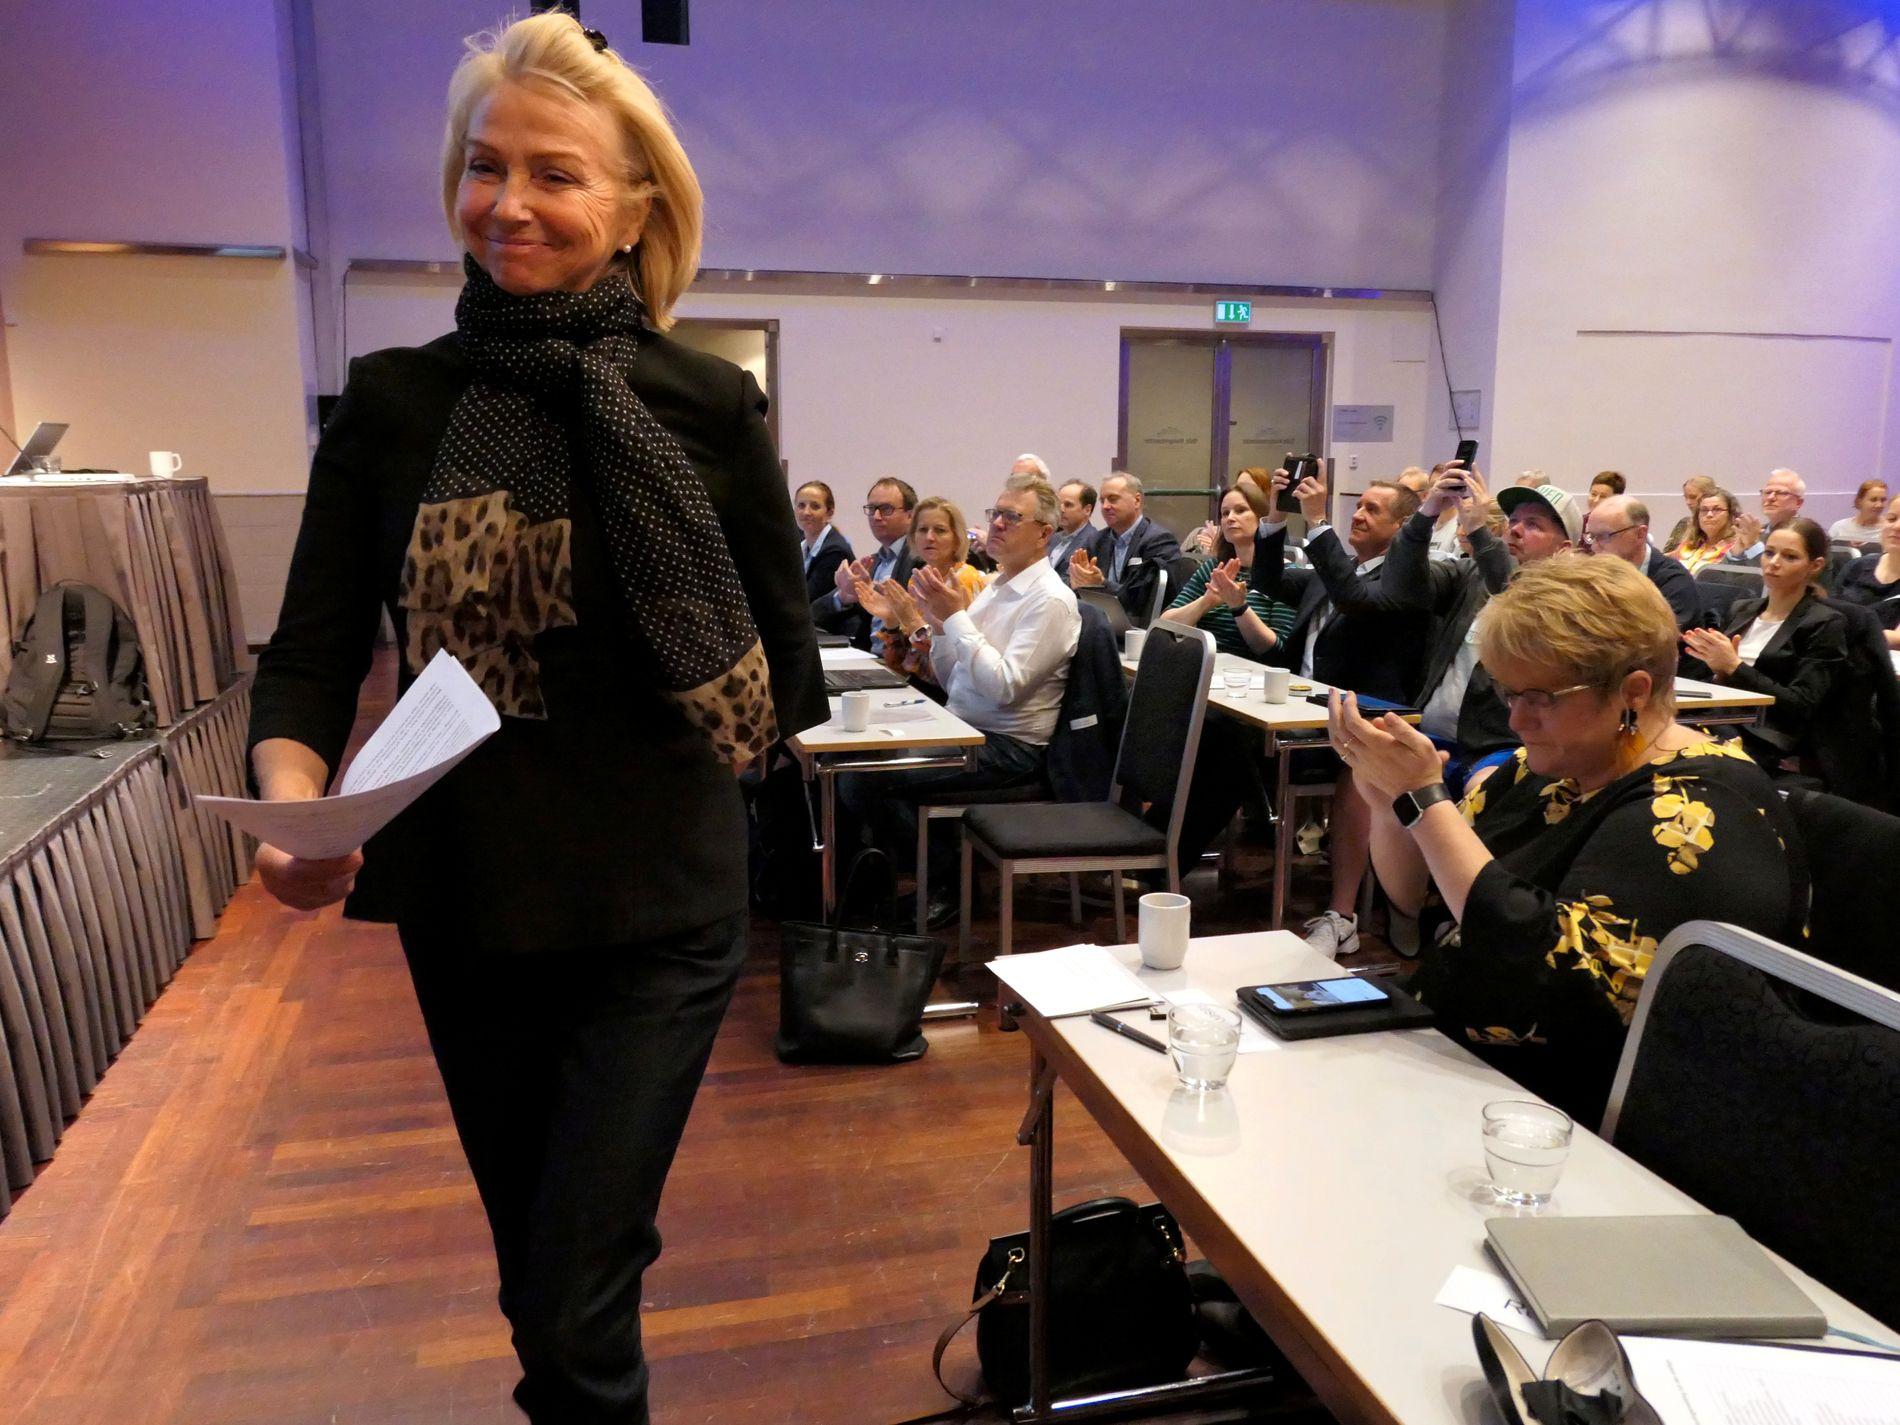 Kulturminister Trine Skei Grande tar til orde for fritidskortet, men Berit Kjøll har i liten grad fått partiene til å diskutere idrett i valgkampen.